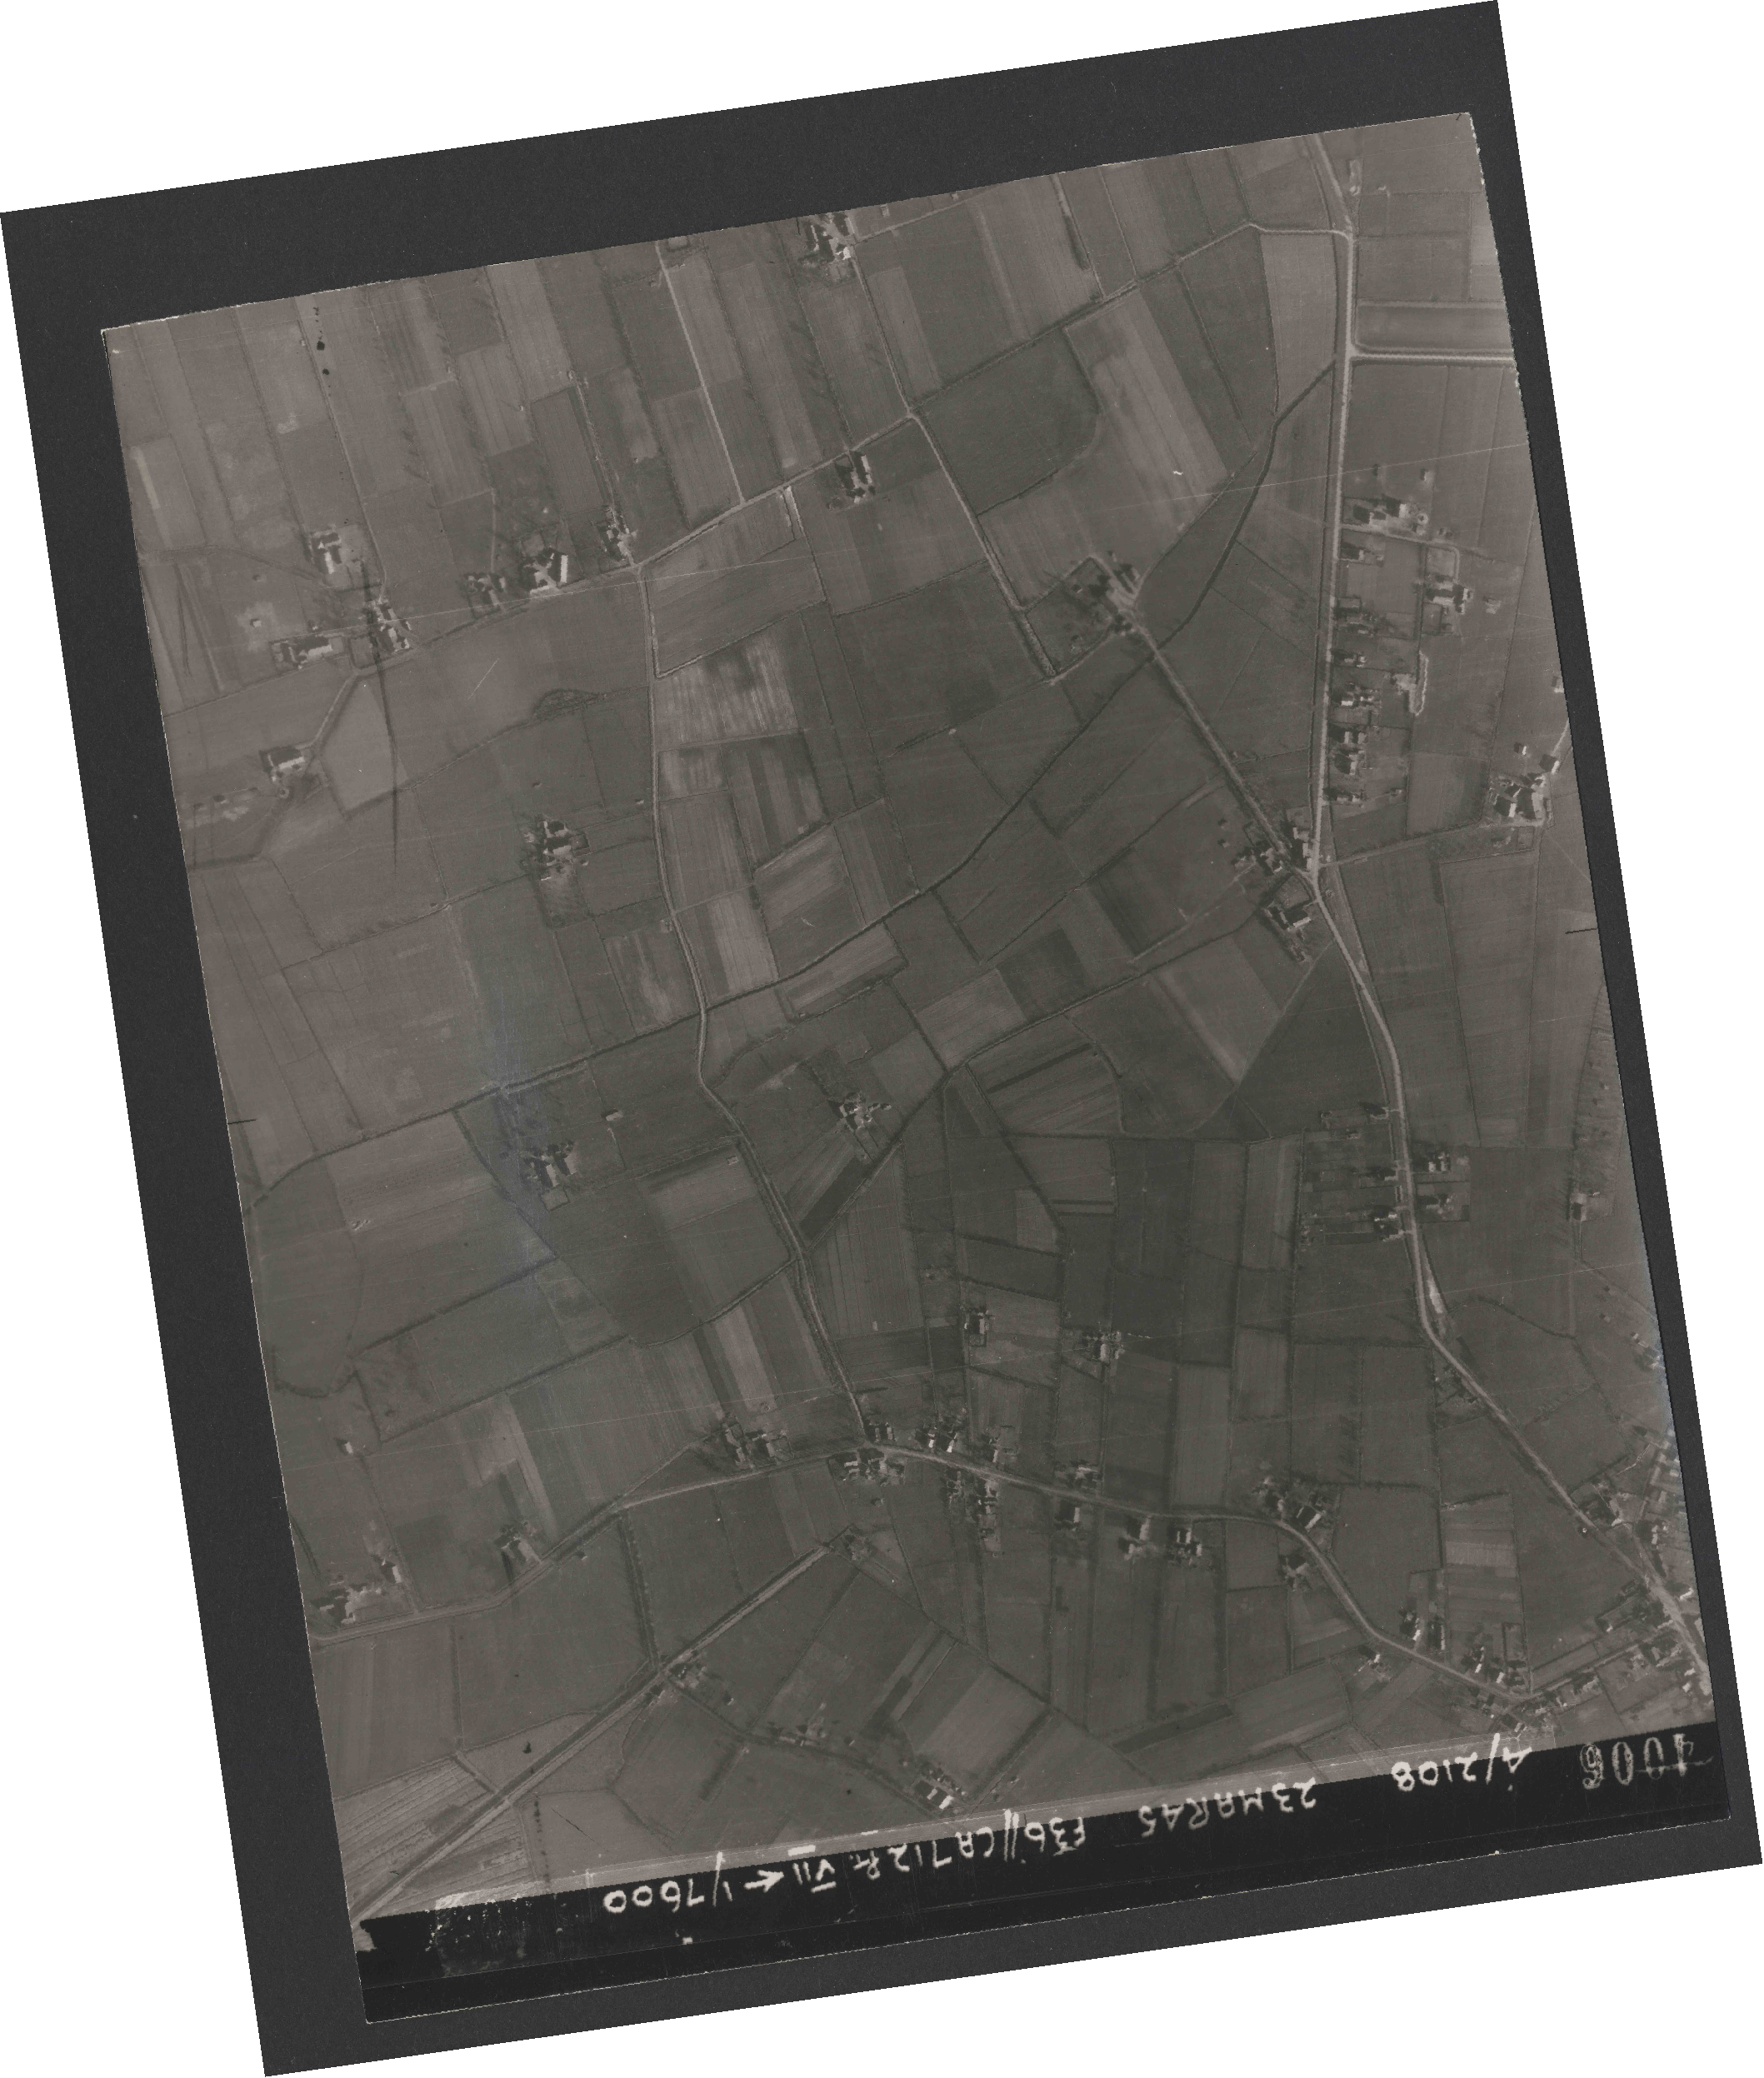 Collection RAF aerial photos 1940-1945 - flight 104, run 09, photo 4006